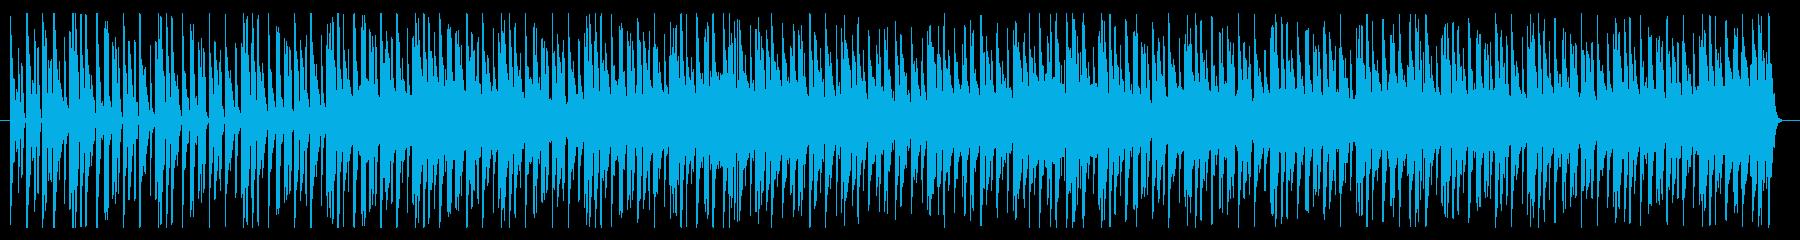 シンプルでクールなドラムンベース風BGMの再生済みの波形